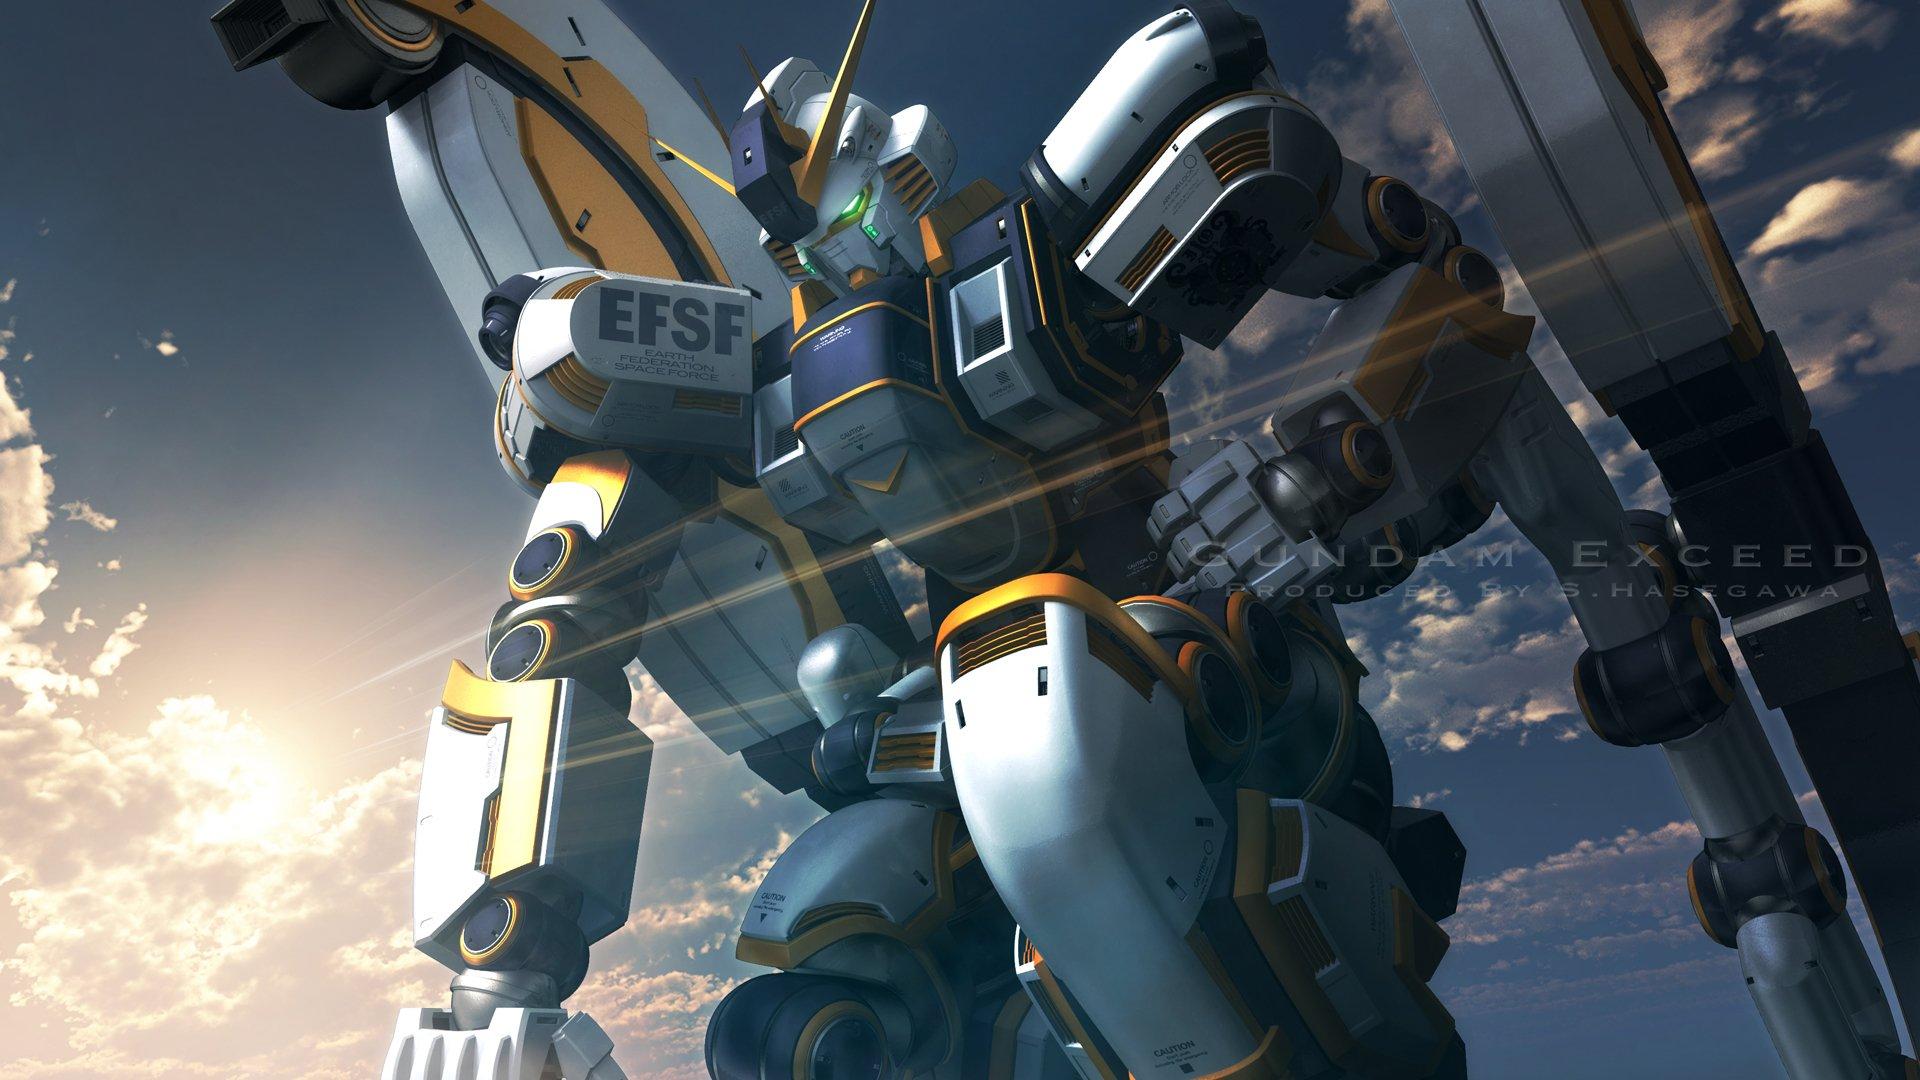 Mobile Suit Gundam Thunderbolt Hd Wallpaper Background